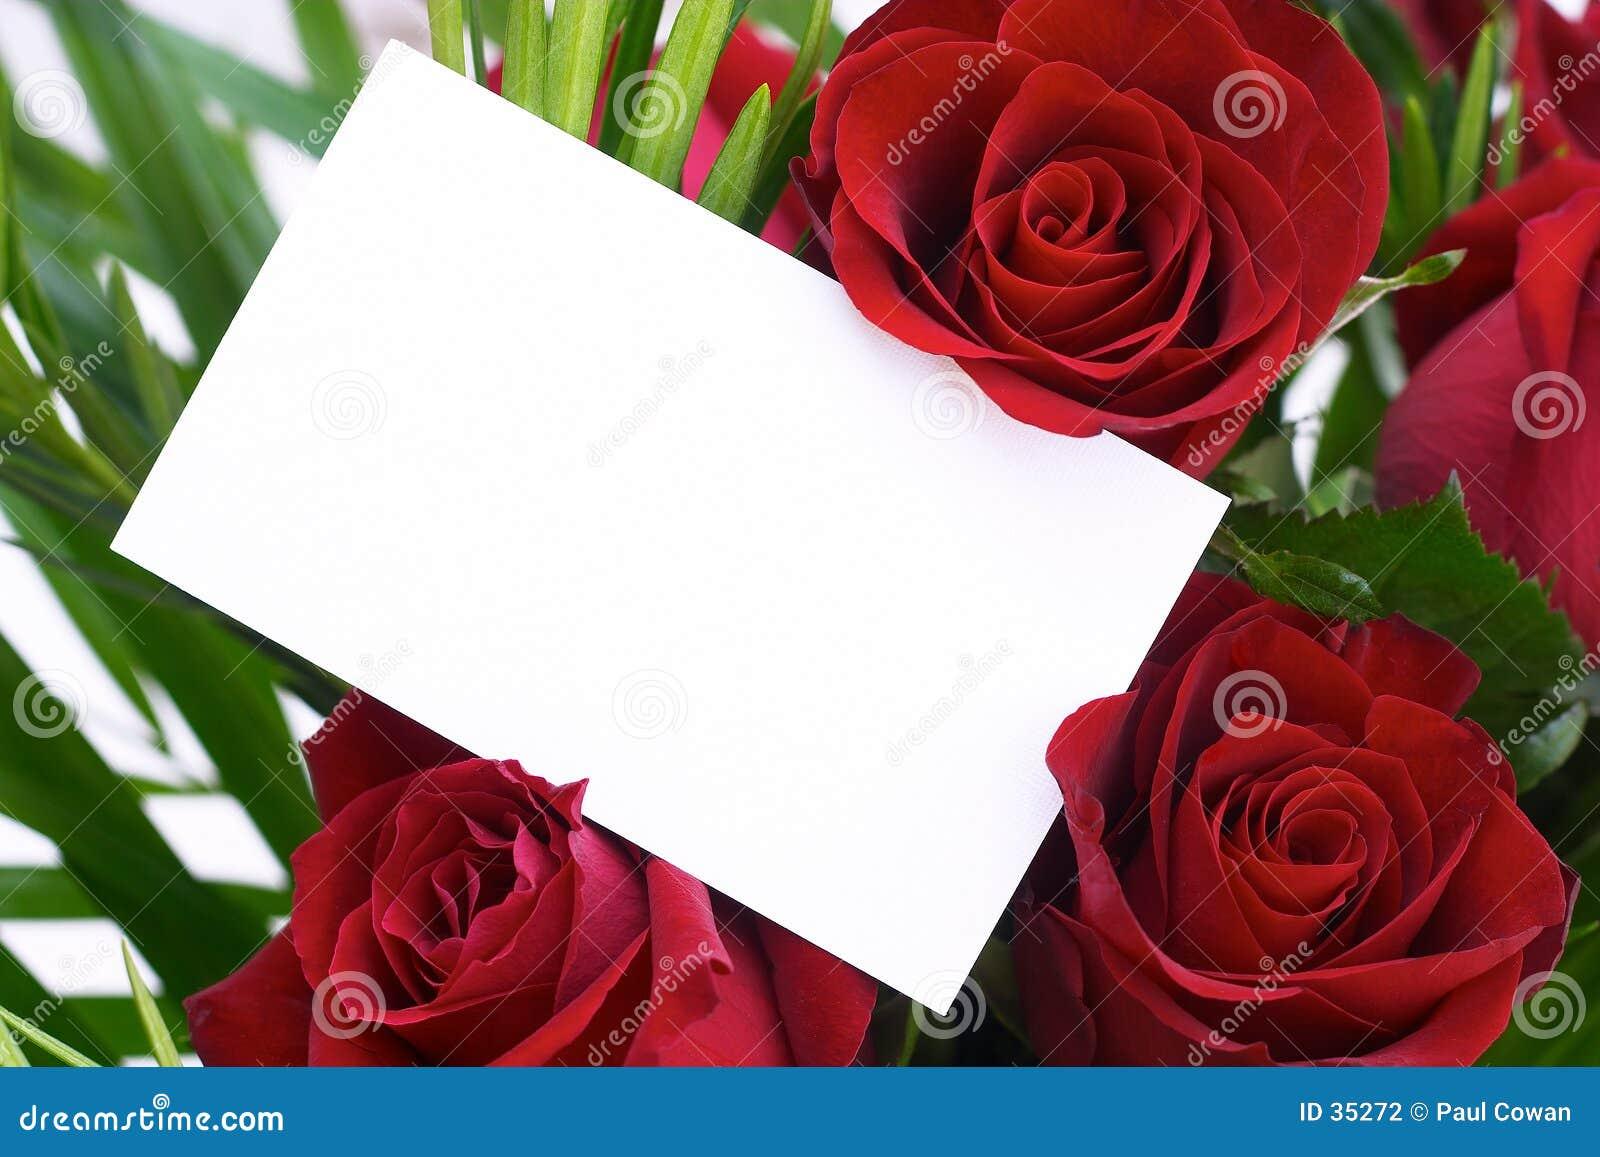 9 czerwona róża